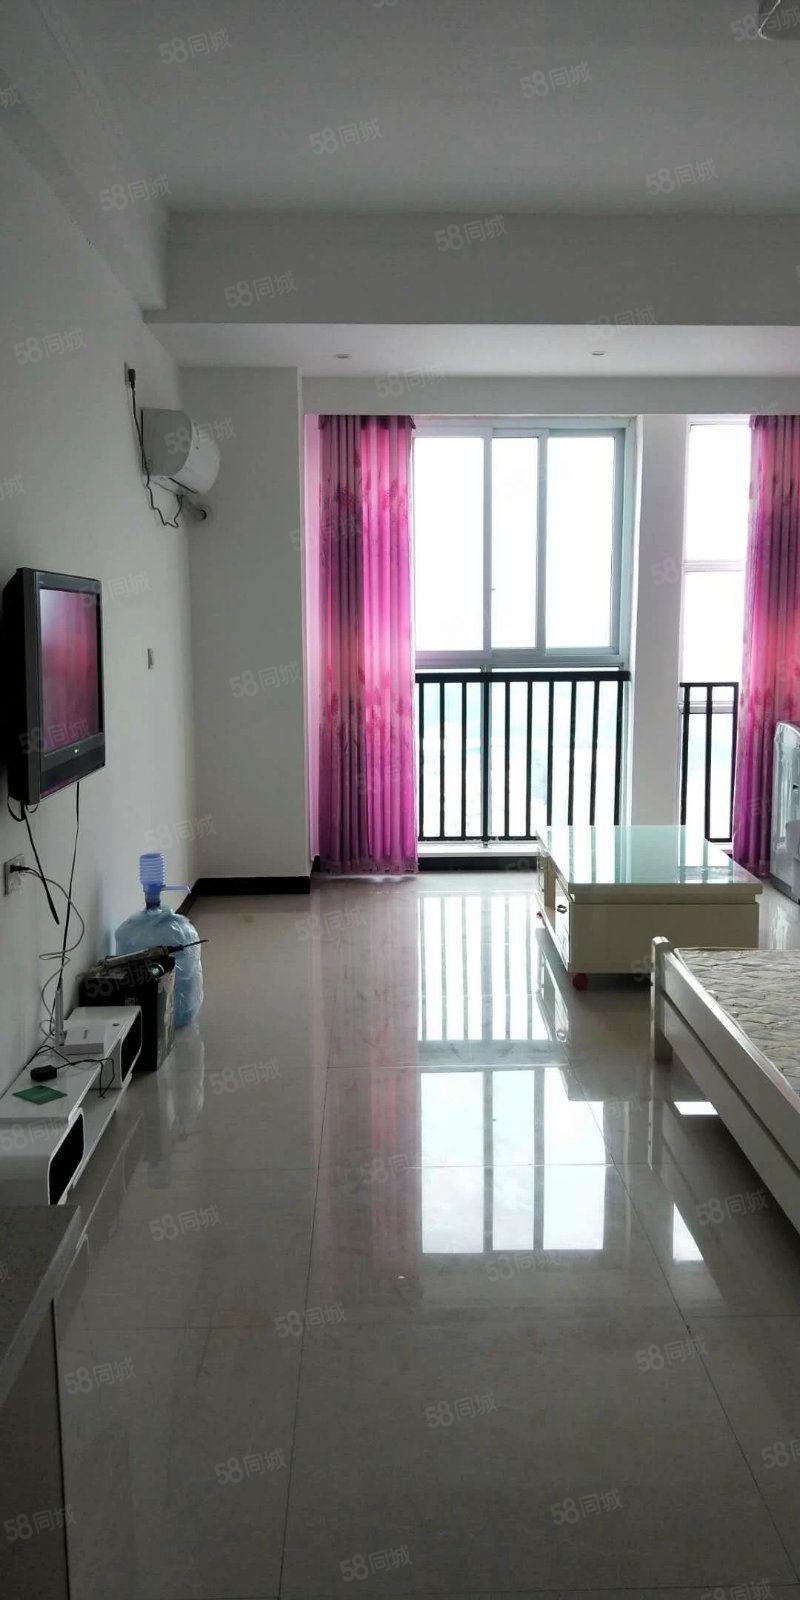 名门尚居简装小公寓家具家电齐全拎包入住随时看房